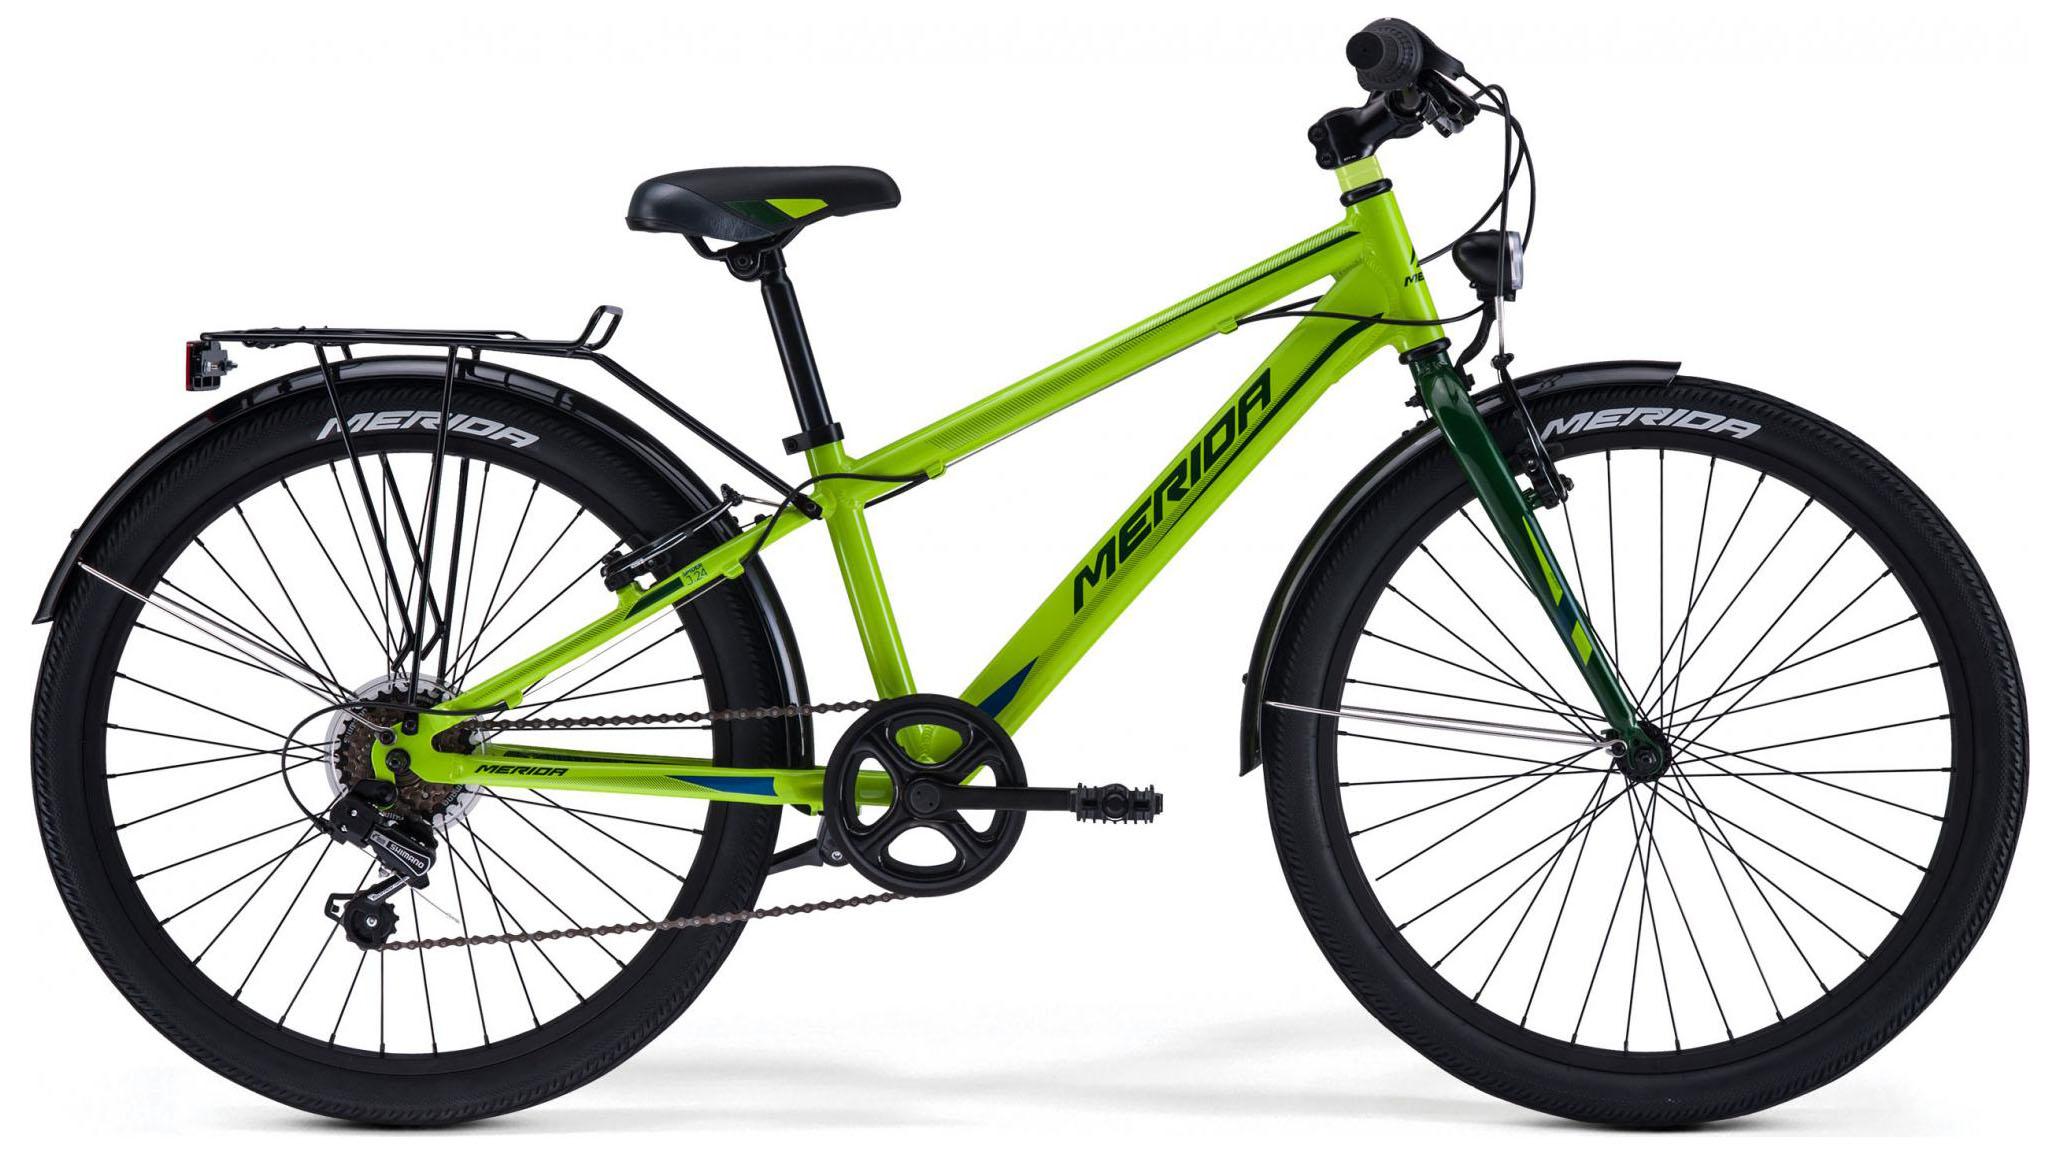 Велосипед Merida Spider J24 2019 велосипед merida scultura 4000 tw 2019